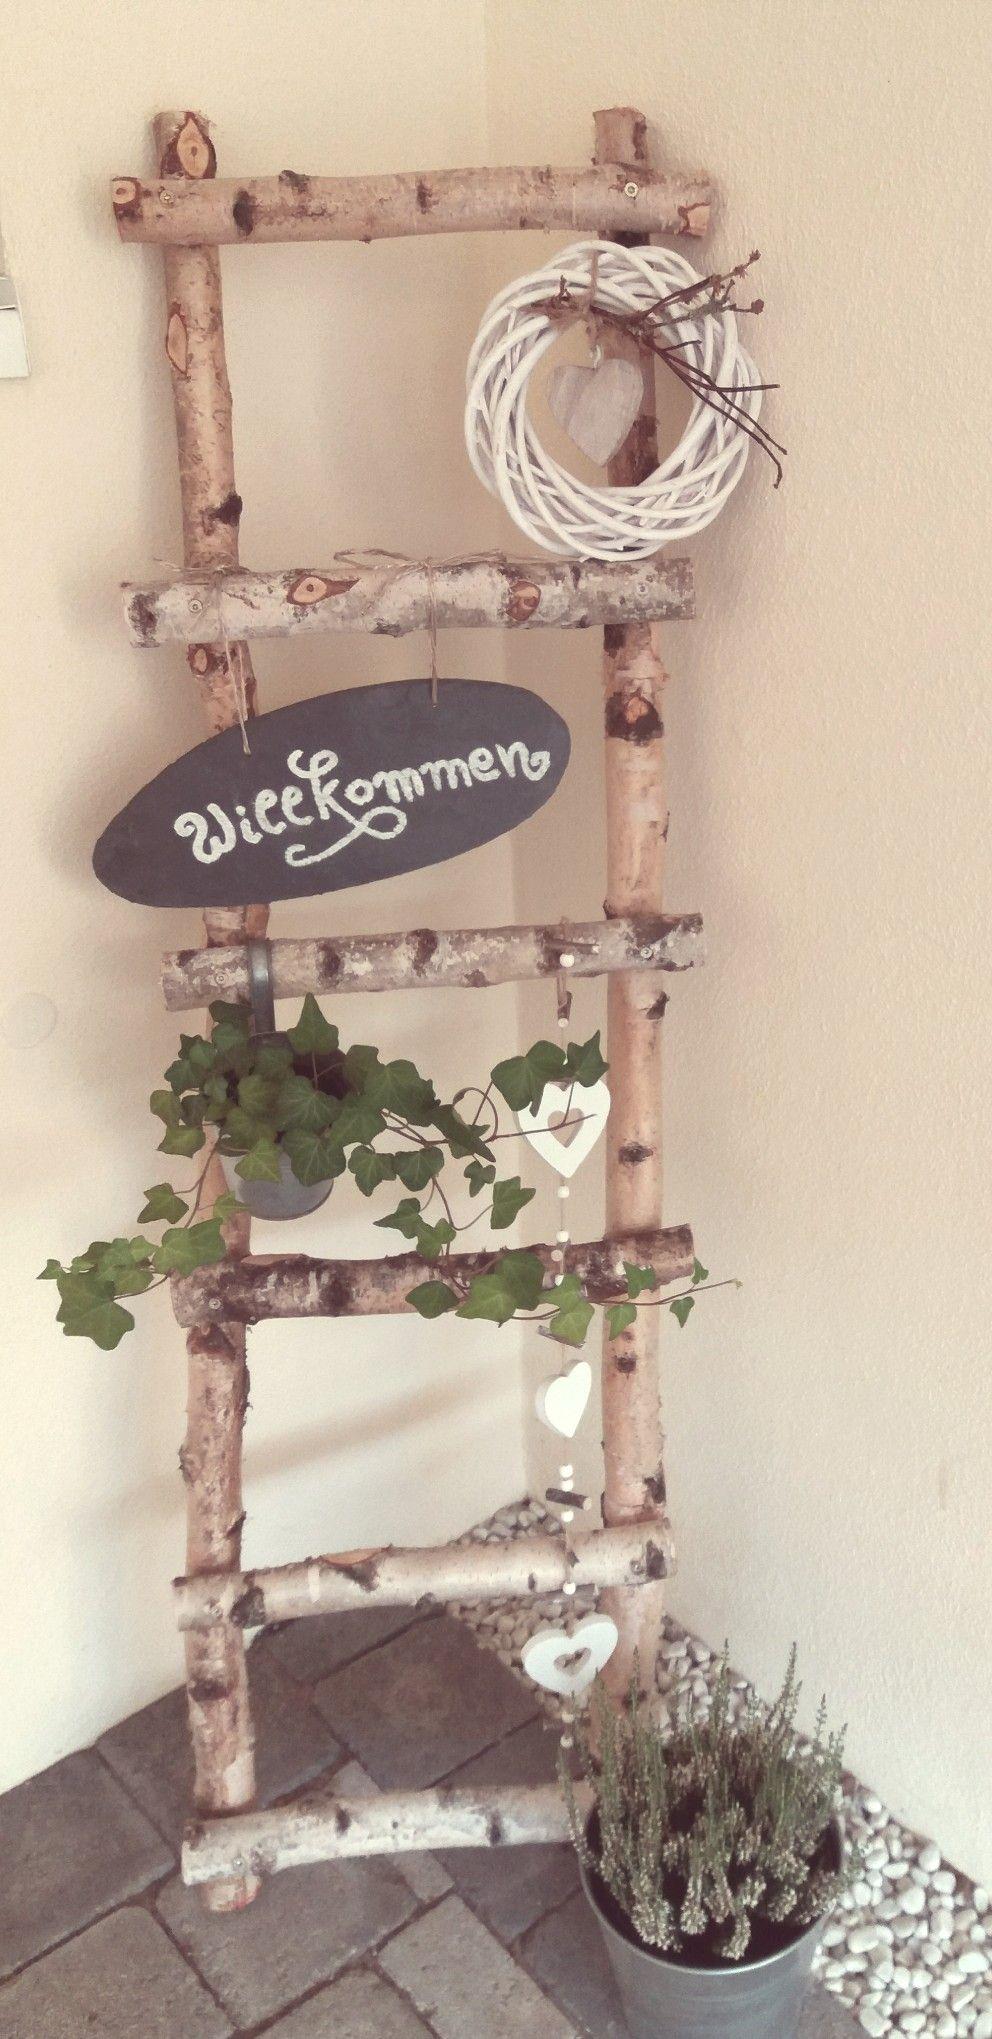 Birken leiter deko diy garden cuties - Richtfest deko ...